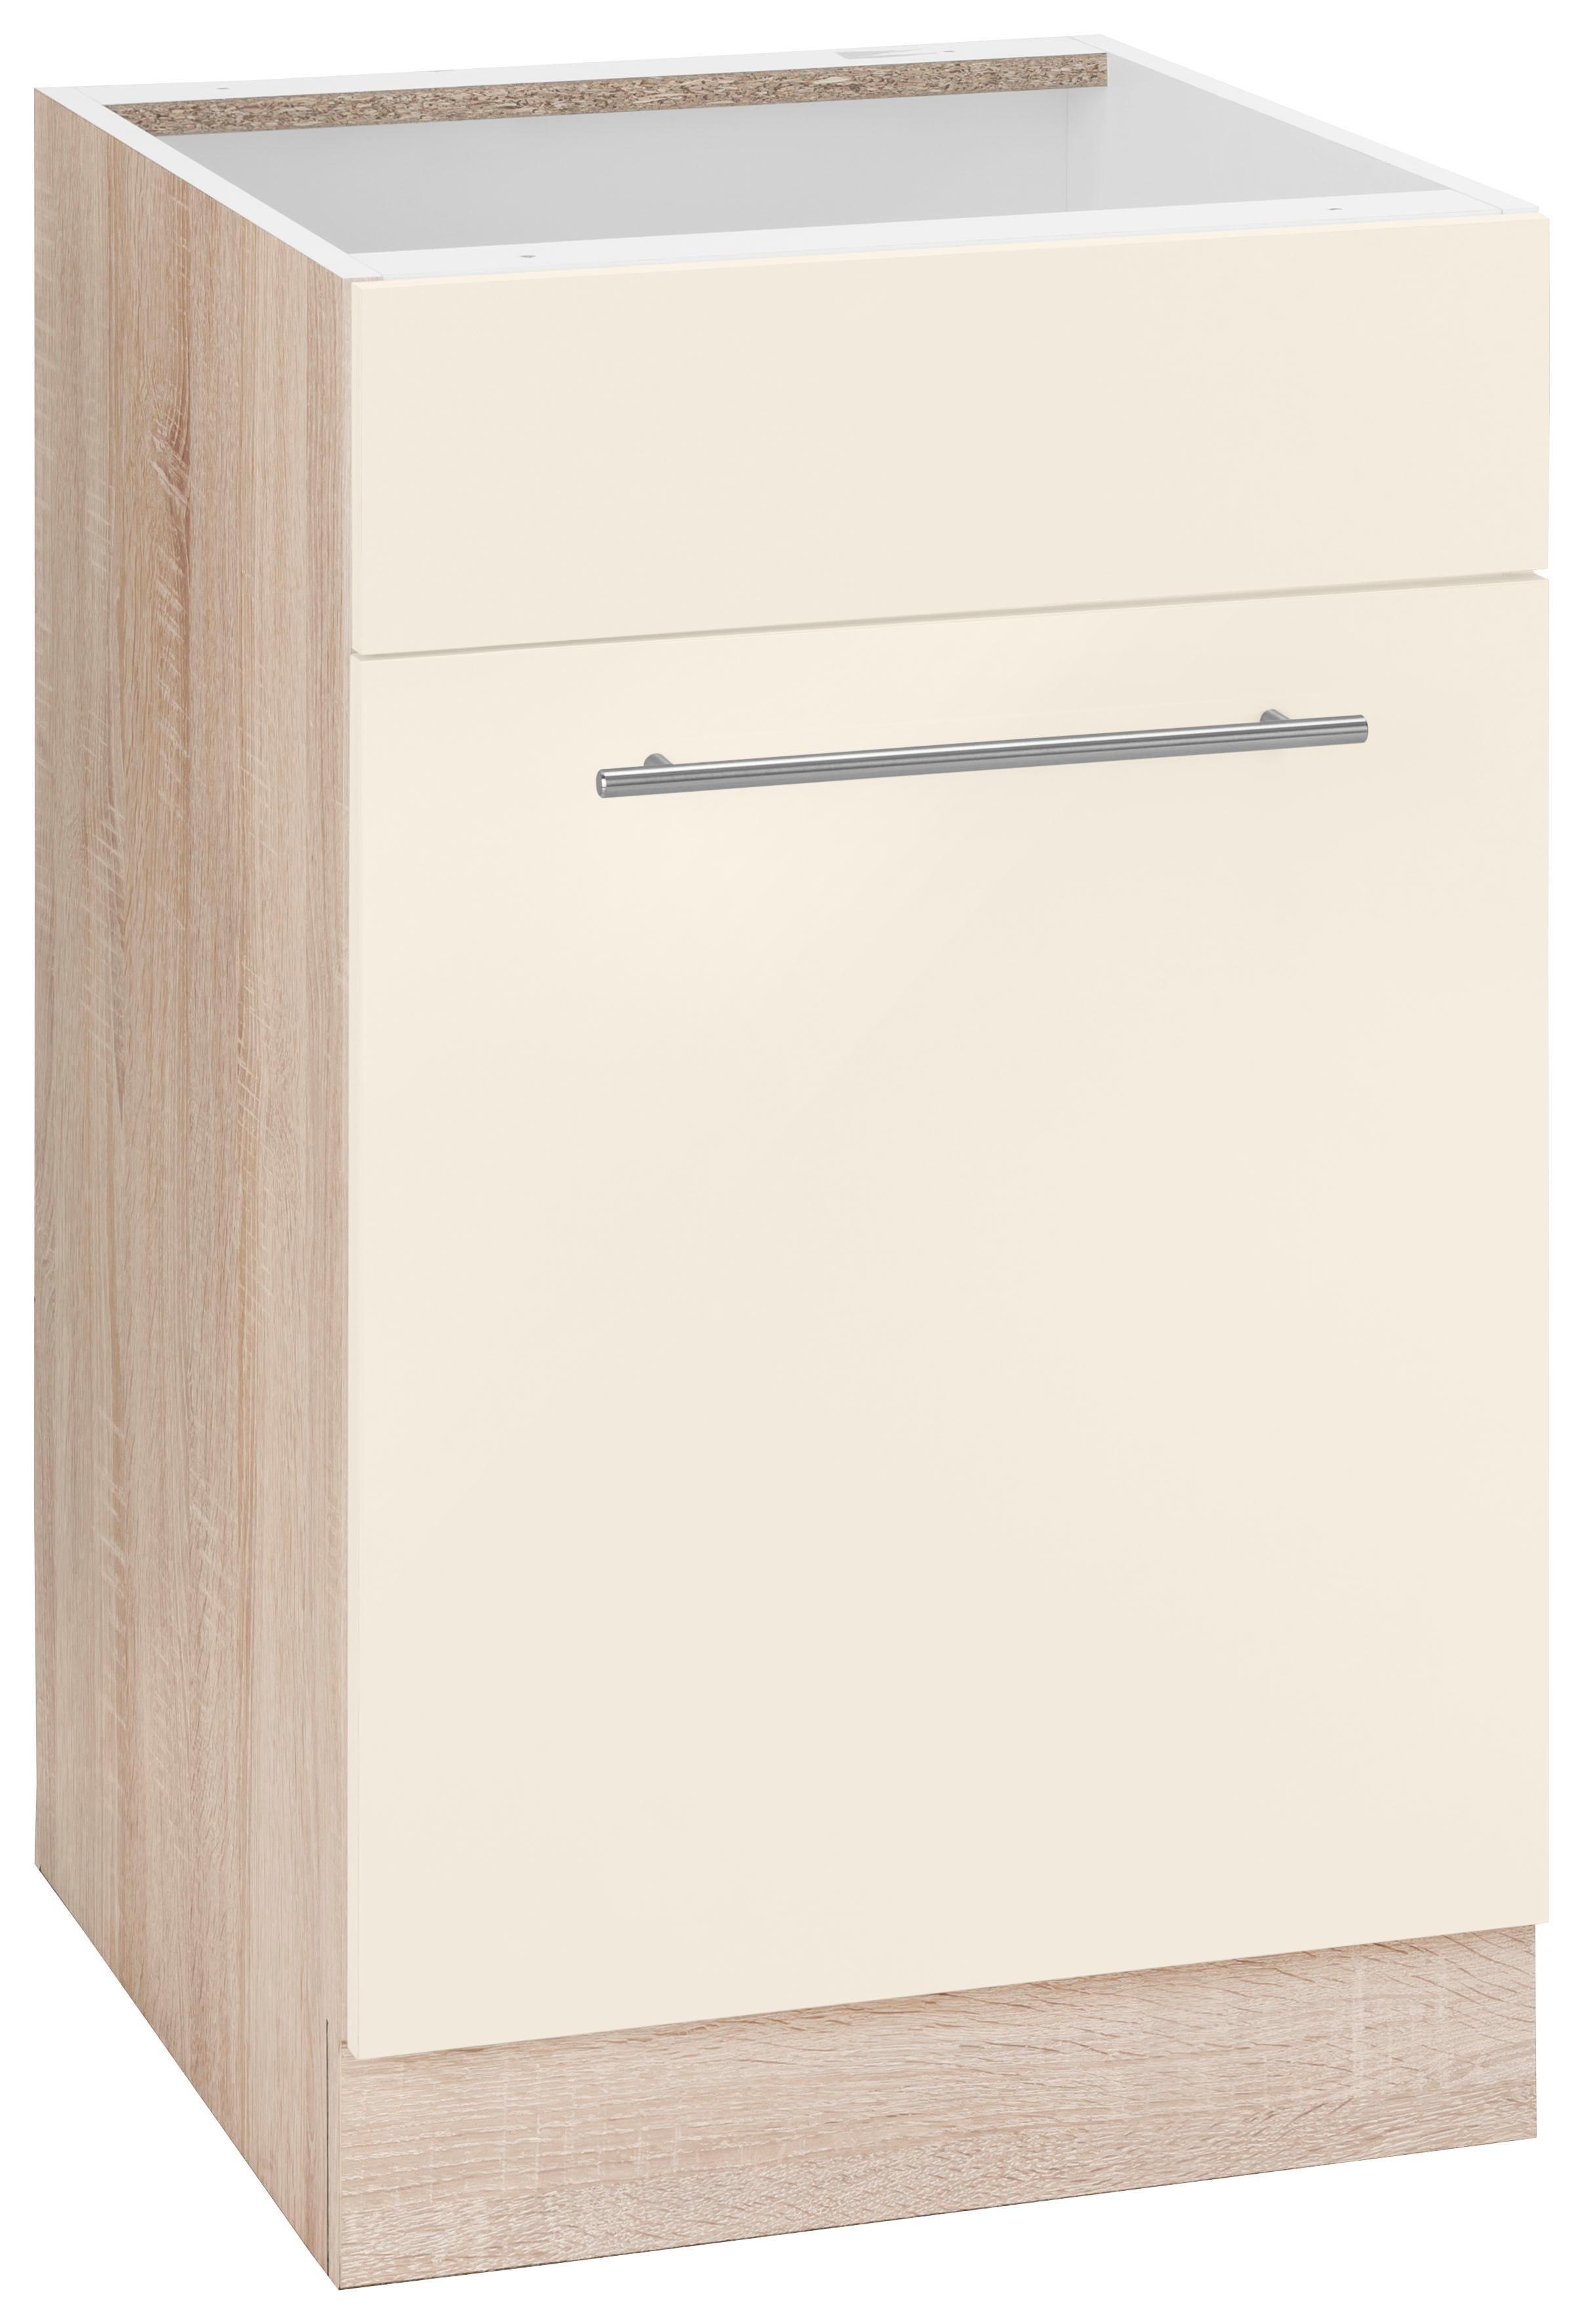 WIHO-Küchen Spülenschrank »Flexi2«, Breite 50 cm | Küche und Esszimmer > Küchenschränke > Spülenschränke | Weiß - Rot - Glanz | Melamin | wiho Küchen